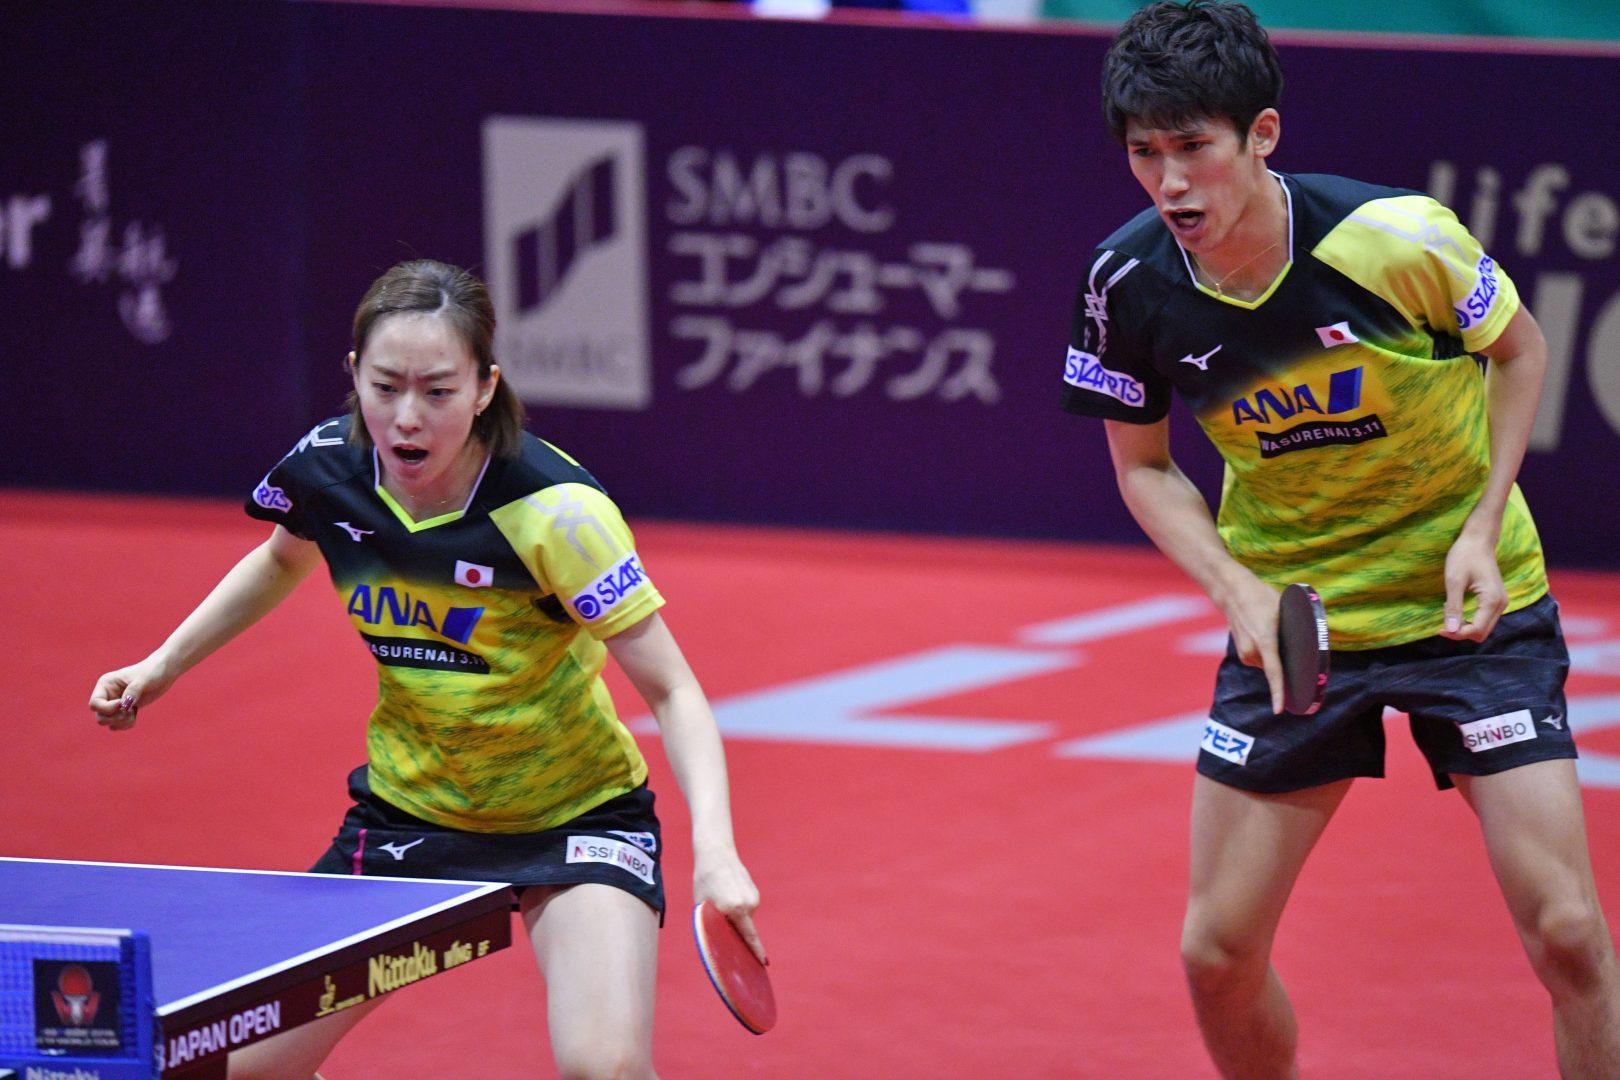 【卓球】吉村真晴、2019世界卓球選手権ブダペスト大会・混合ダブルス出場へ